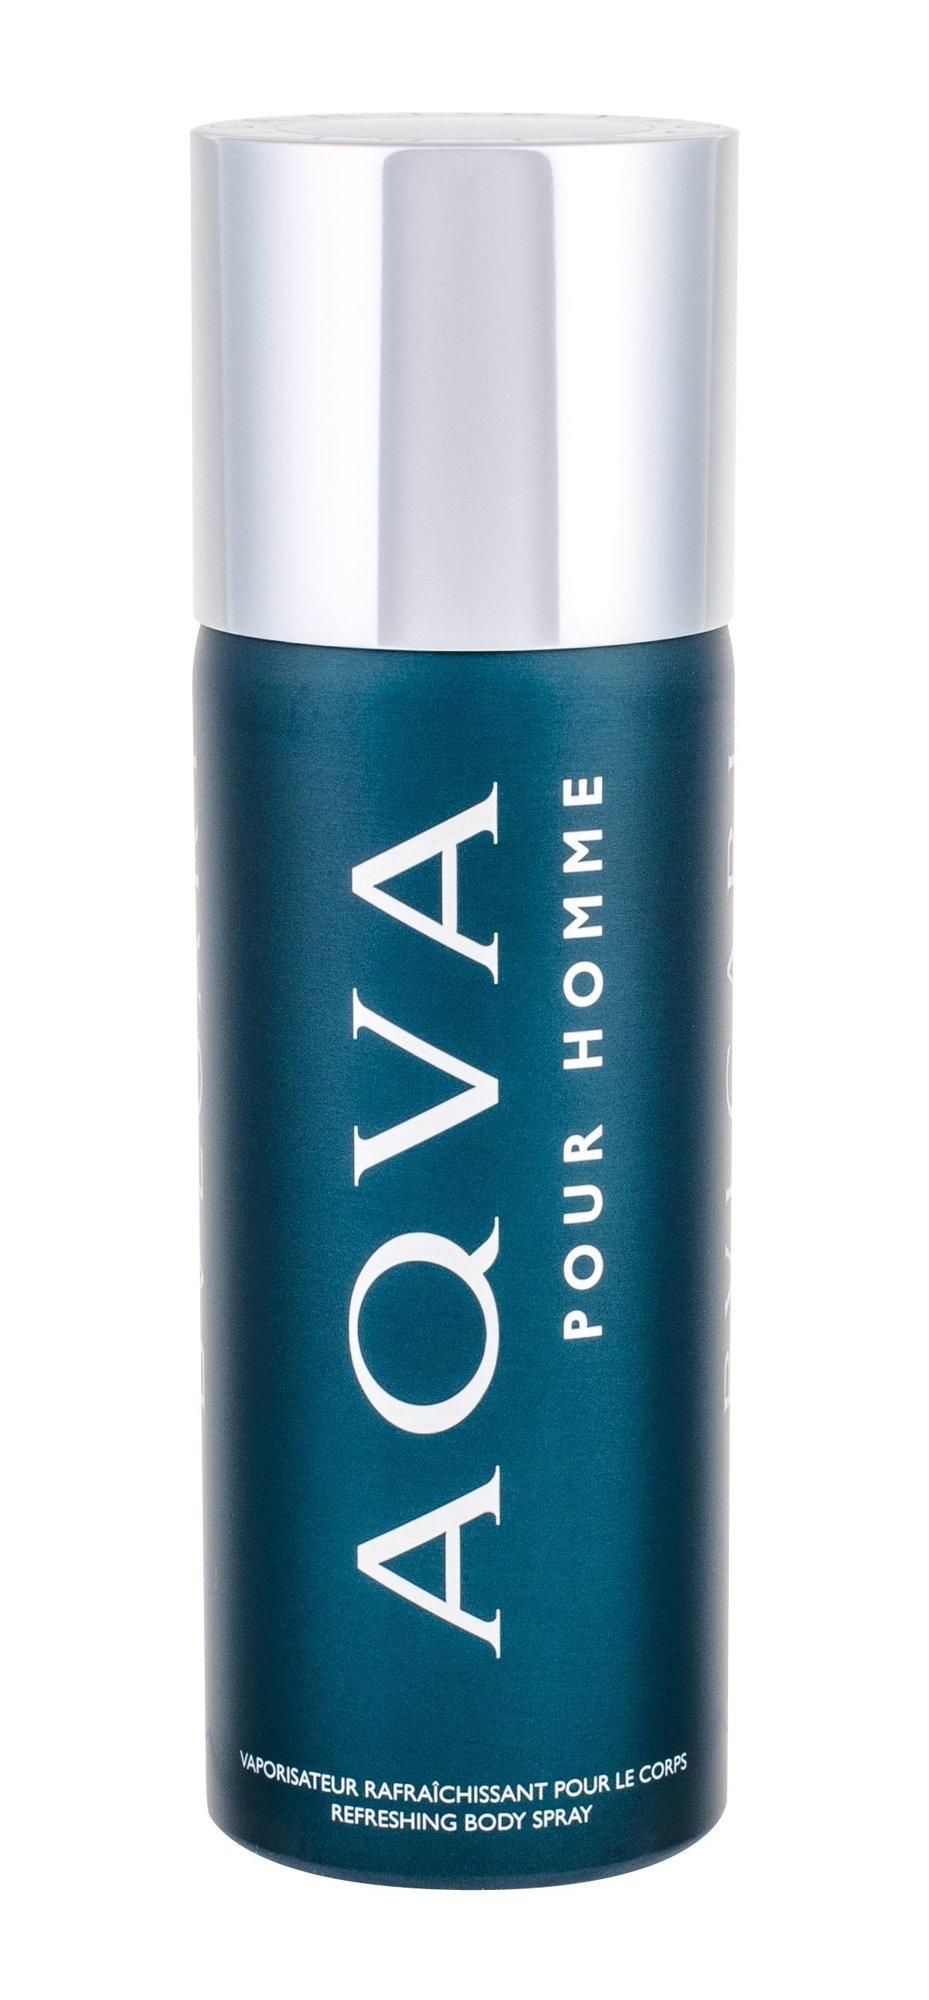 Bvlgari Aqva Pour Homme Deodorant 150ml